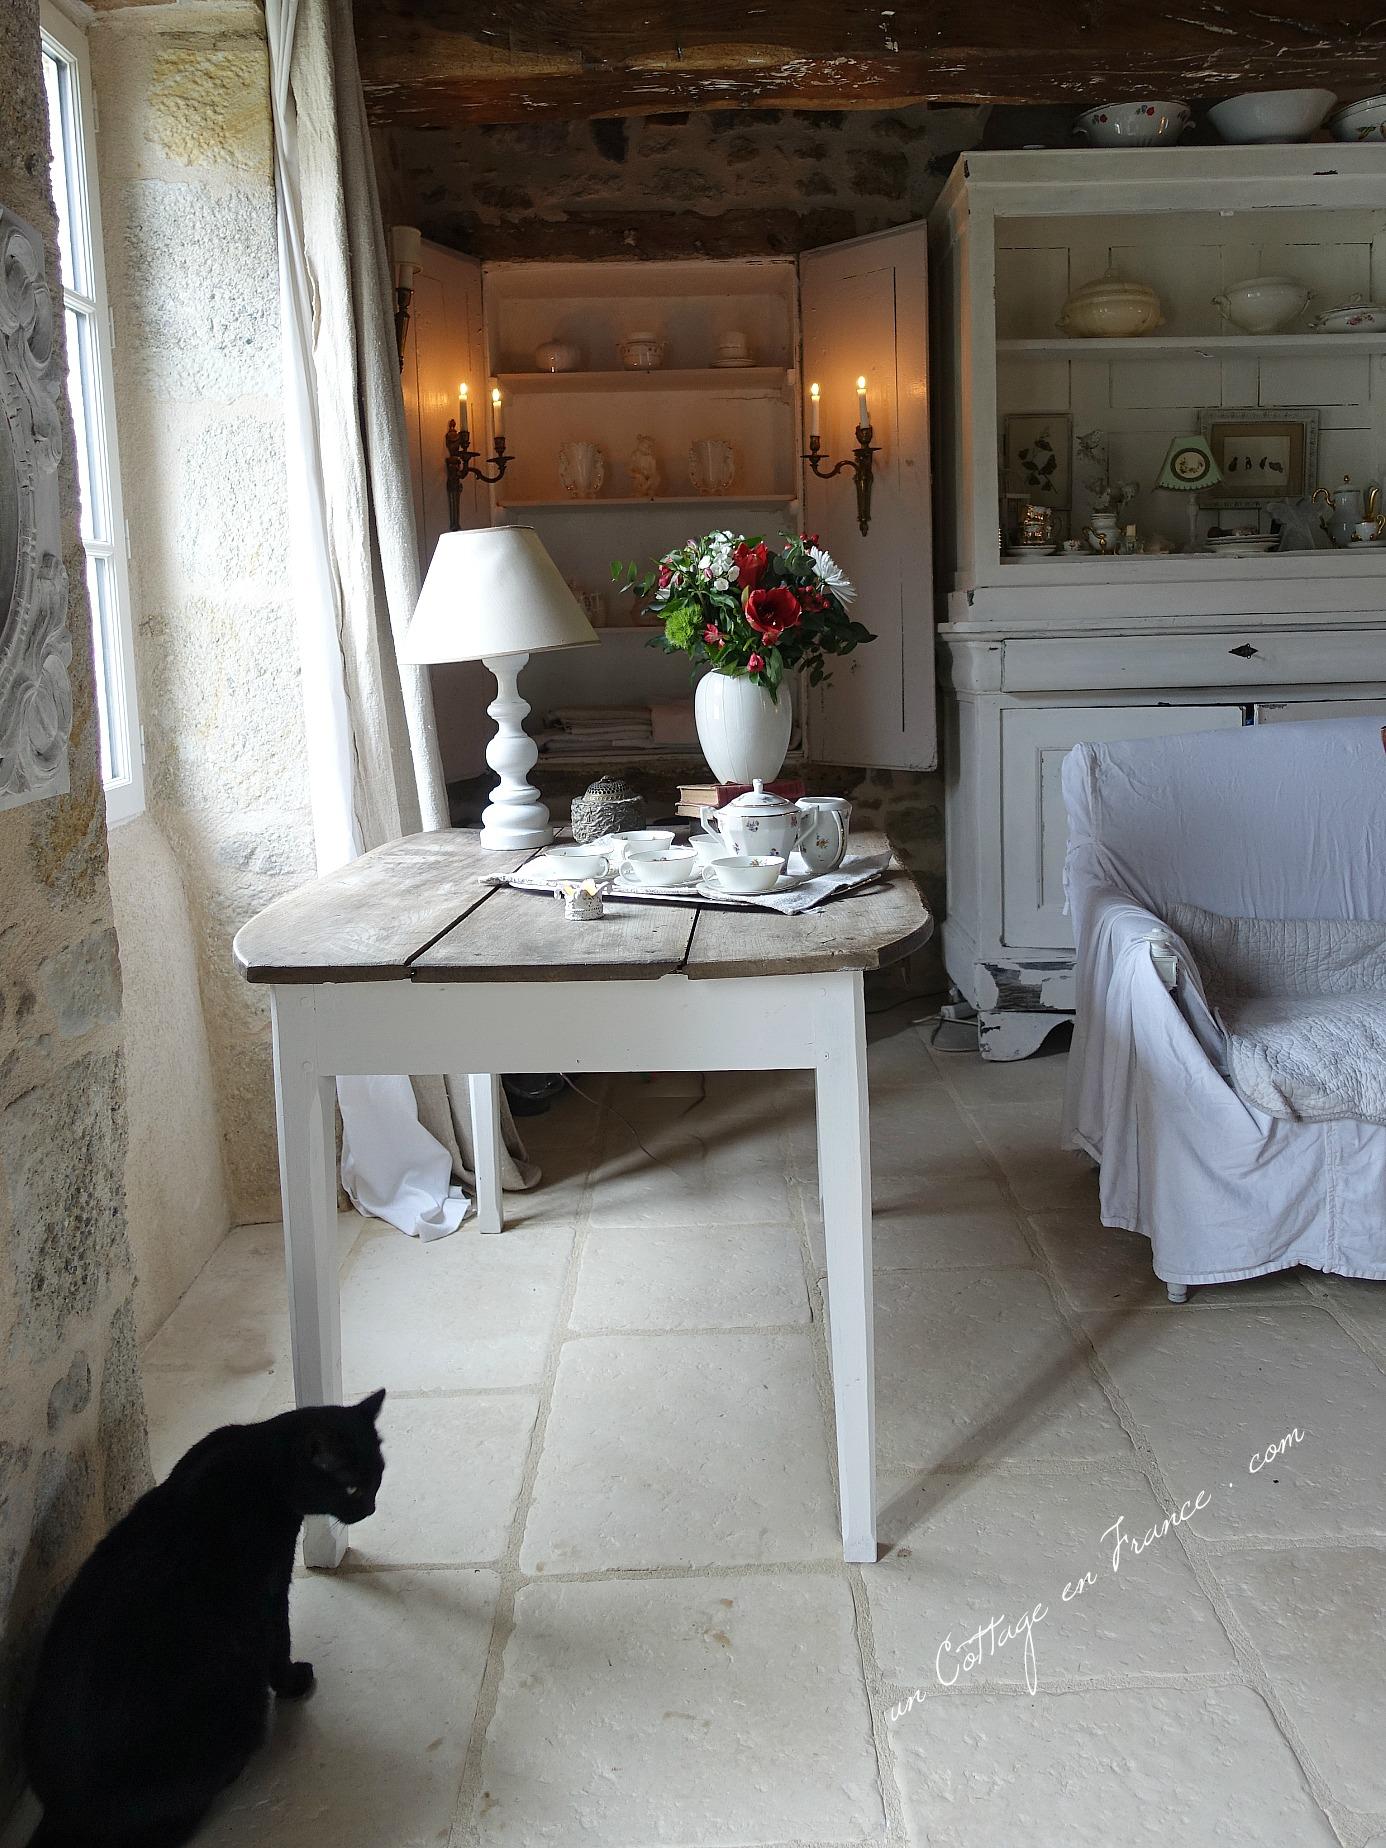 Maison campagne romantique, blog campagne chic relooking de la chaise 3